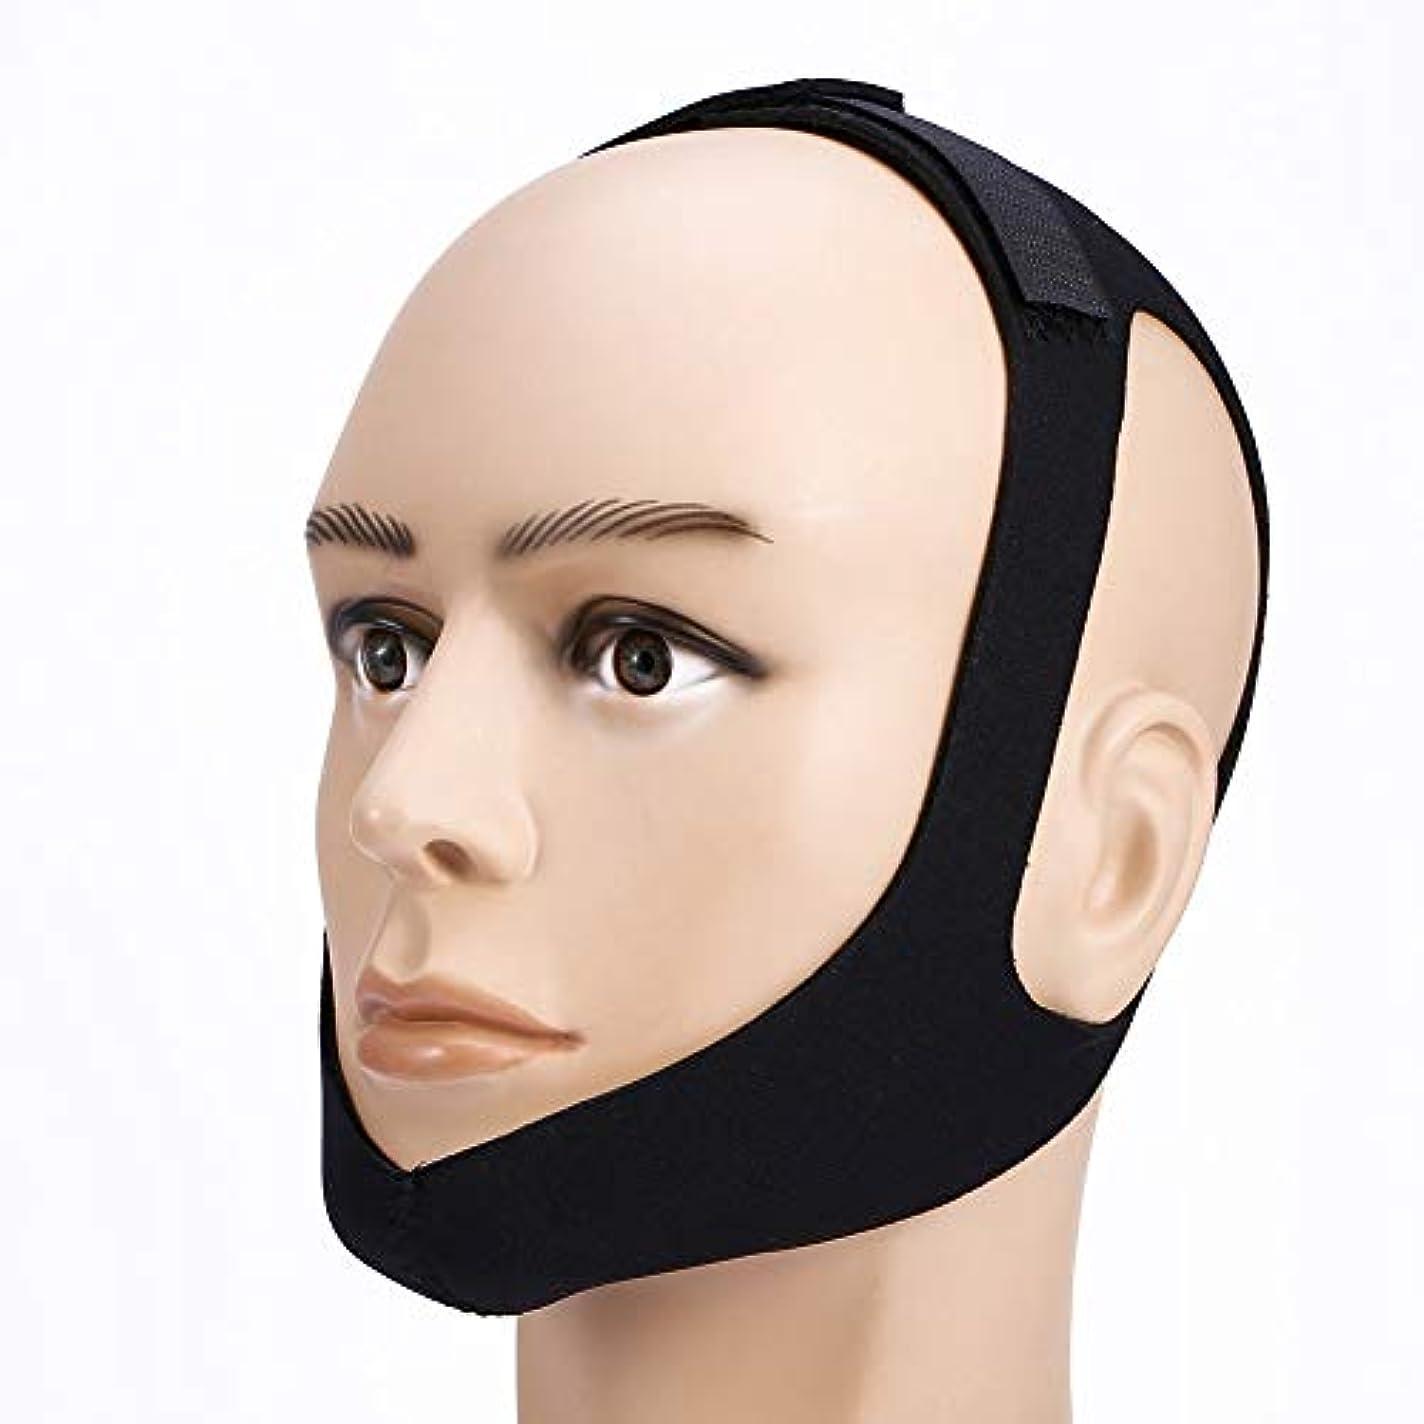 ピストン表示ドリル注意睡眠時無呼吸顎あごサポートストラップベルトいびき防止ヘッドバンドいびきベルト止めいびき防止マスク女性用男性寝具